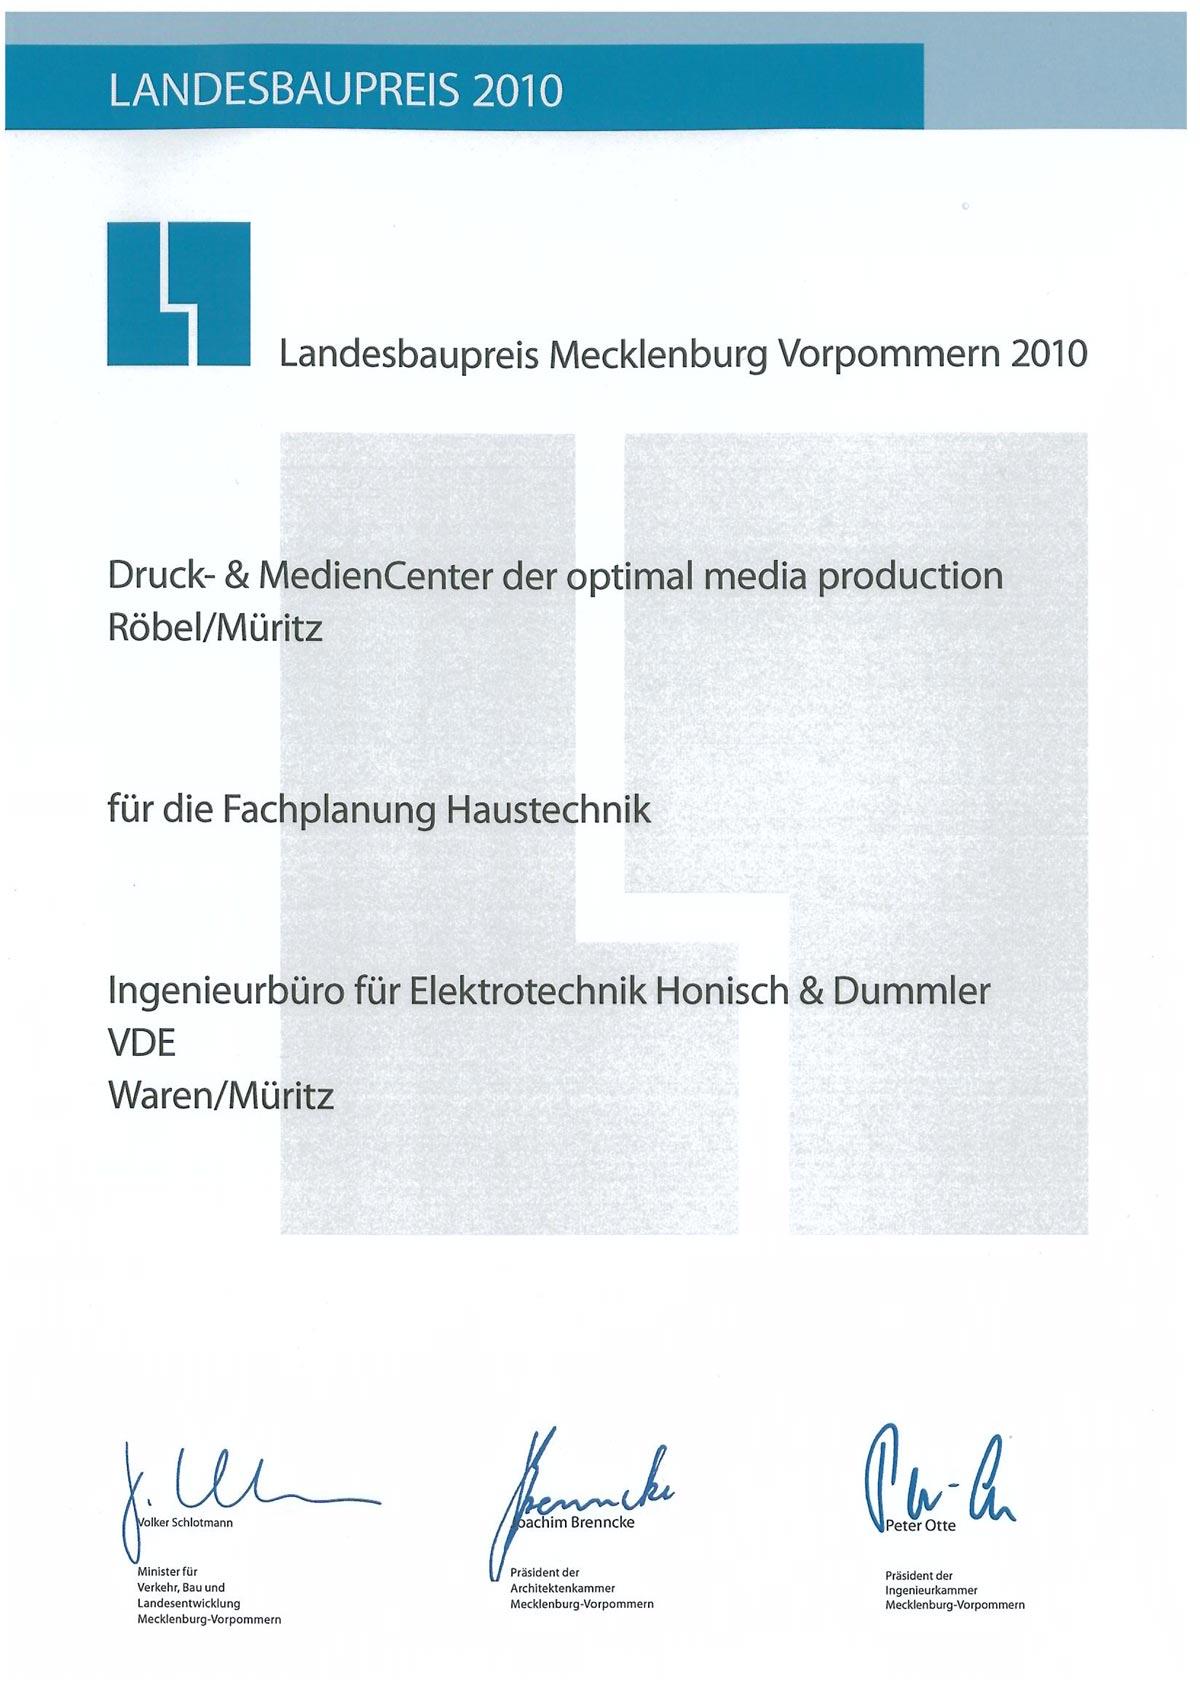 Landesbaupreis 2010